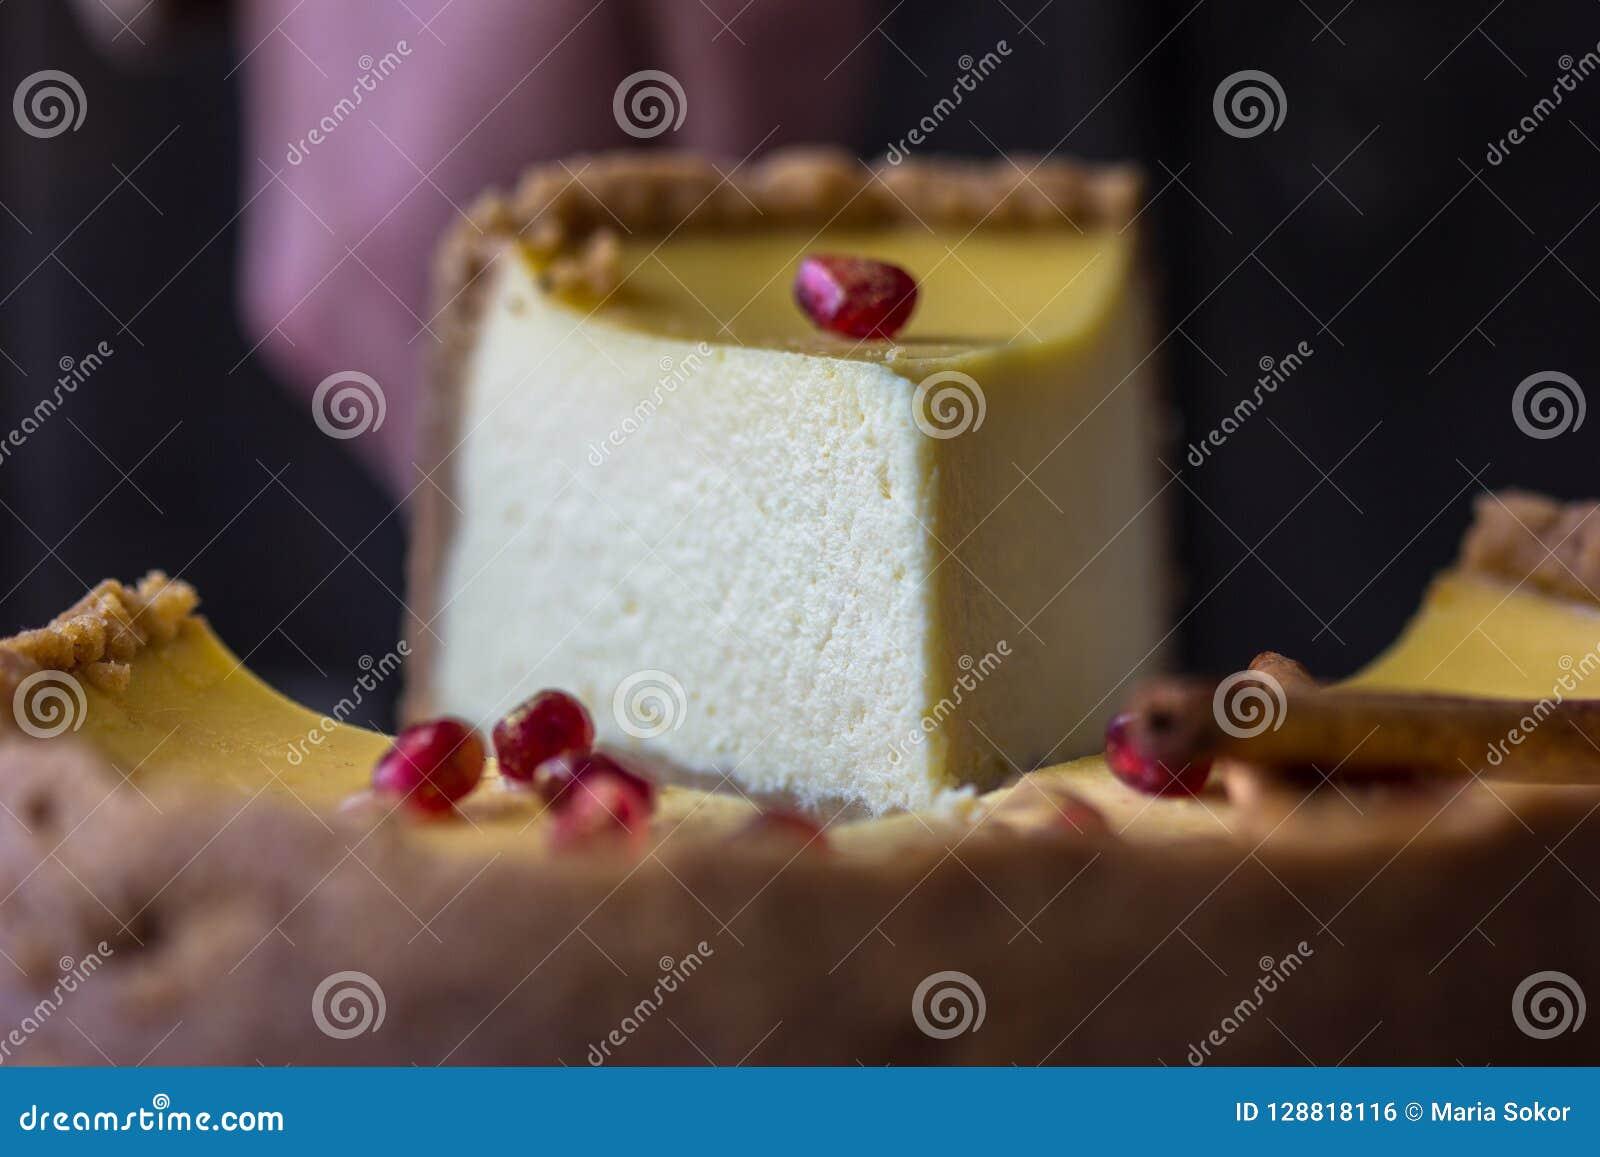 与mascarpone的圣诞节橙色乳酪蛋糕 欢乐圣诞节乳酪蛋糕传统冬天蛋糕食谱 乳酪蛋糕在手中